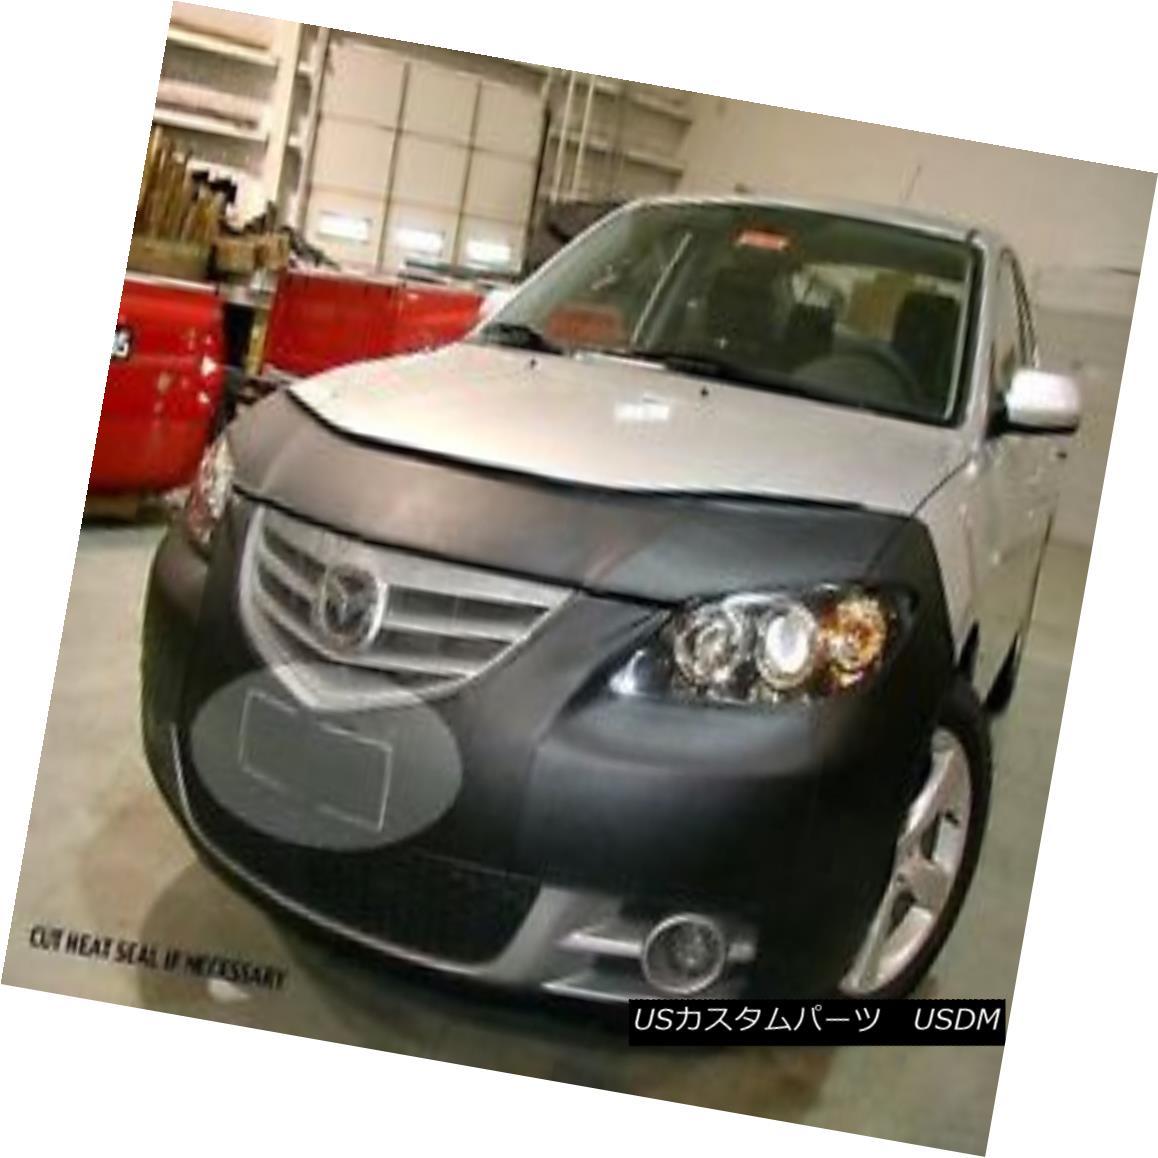 フルブラ ノーズブラ Lebra Front End Mask Cover Bra Fits MAZDA 3 Sedan 2003-2006 Exc 'i' & Mazdaspeed LebraフロントエンドマスクカバーブラはMAZDA 3 Sedanに適合2003-2006 Exc 'i'& Mazdaspeed